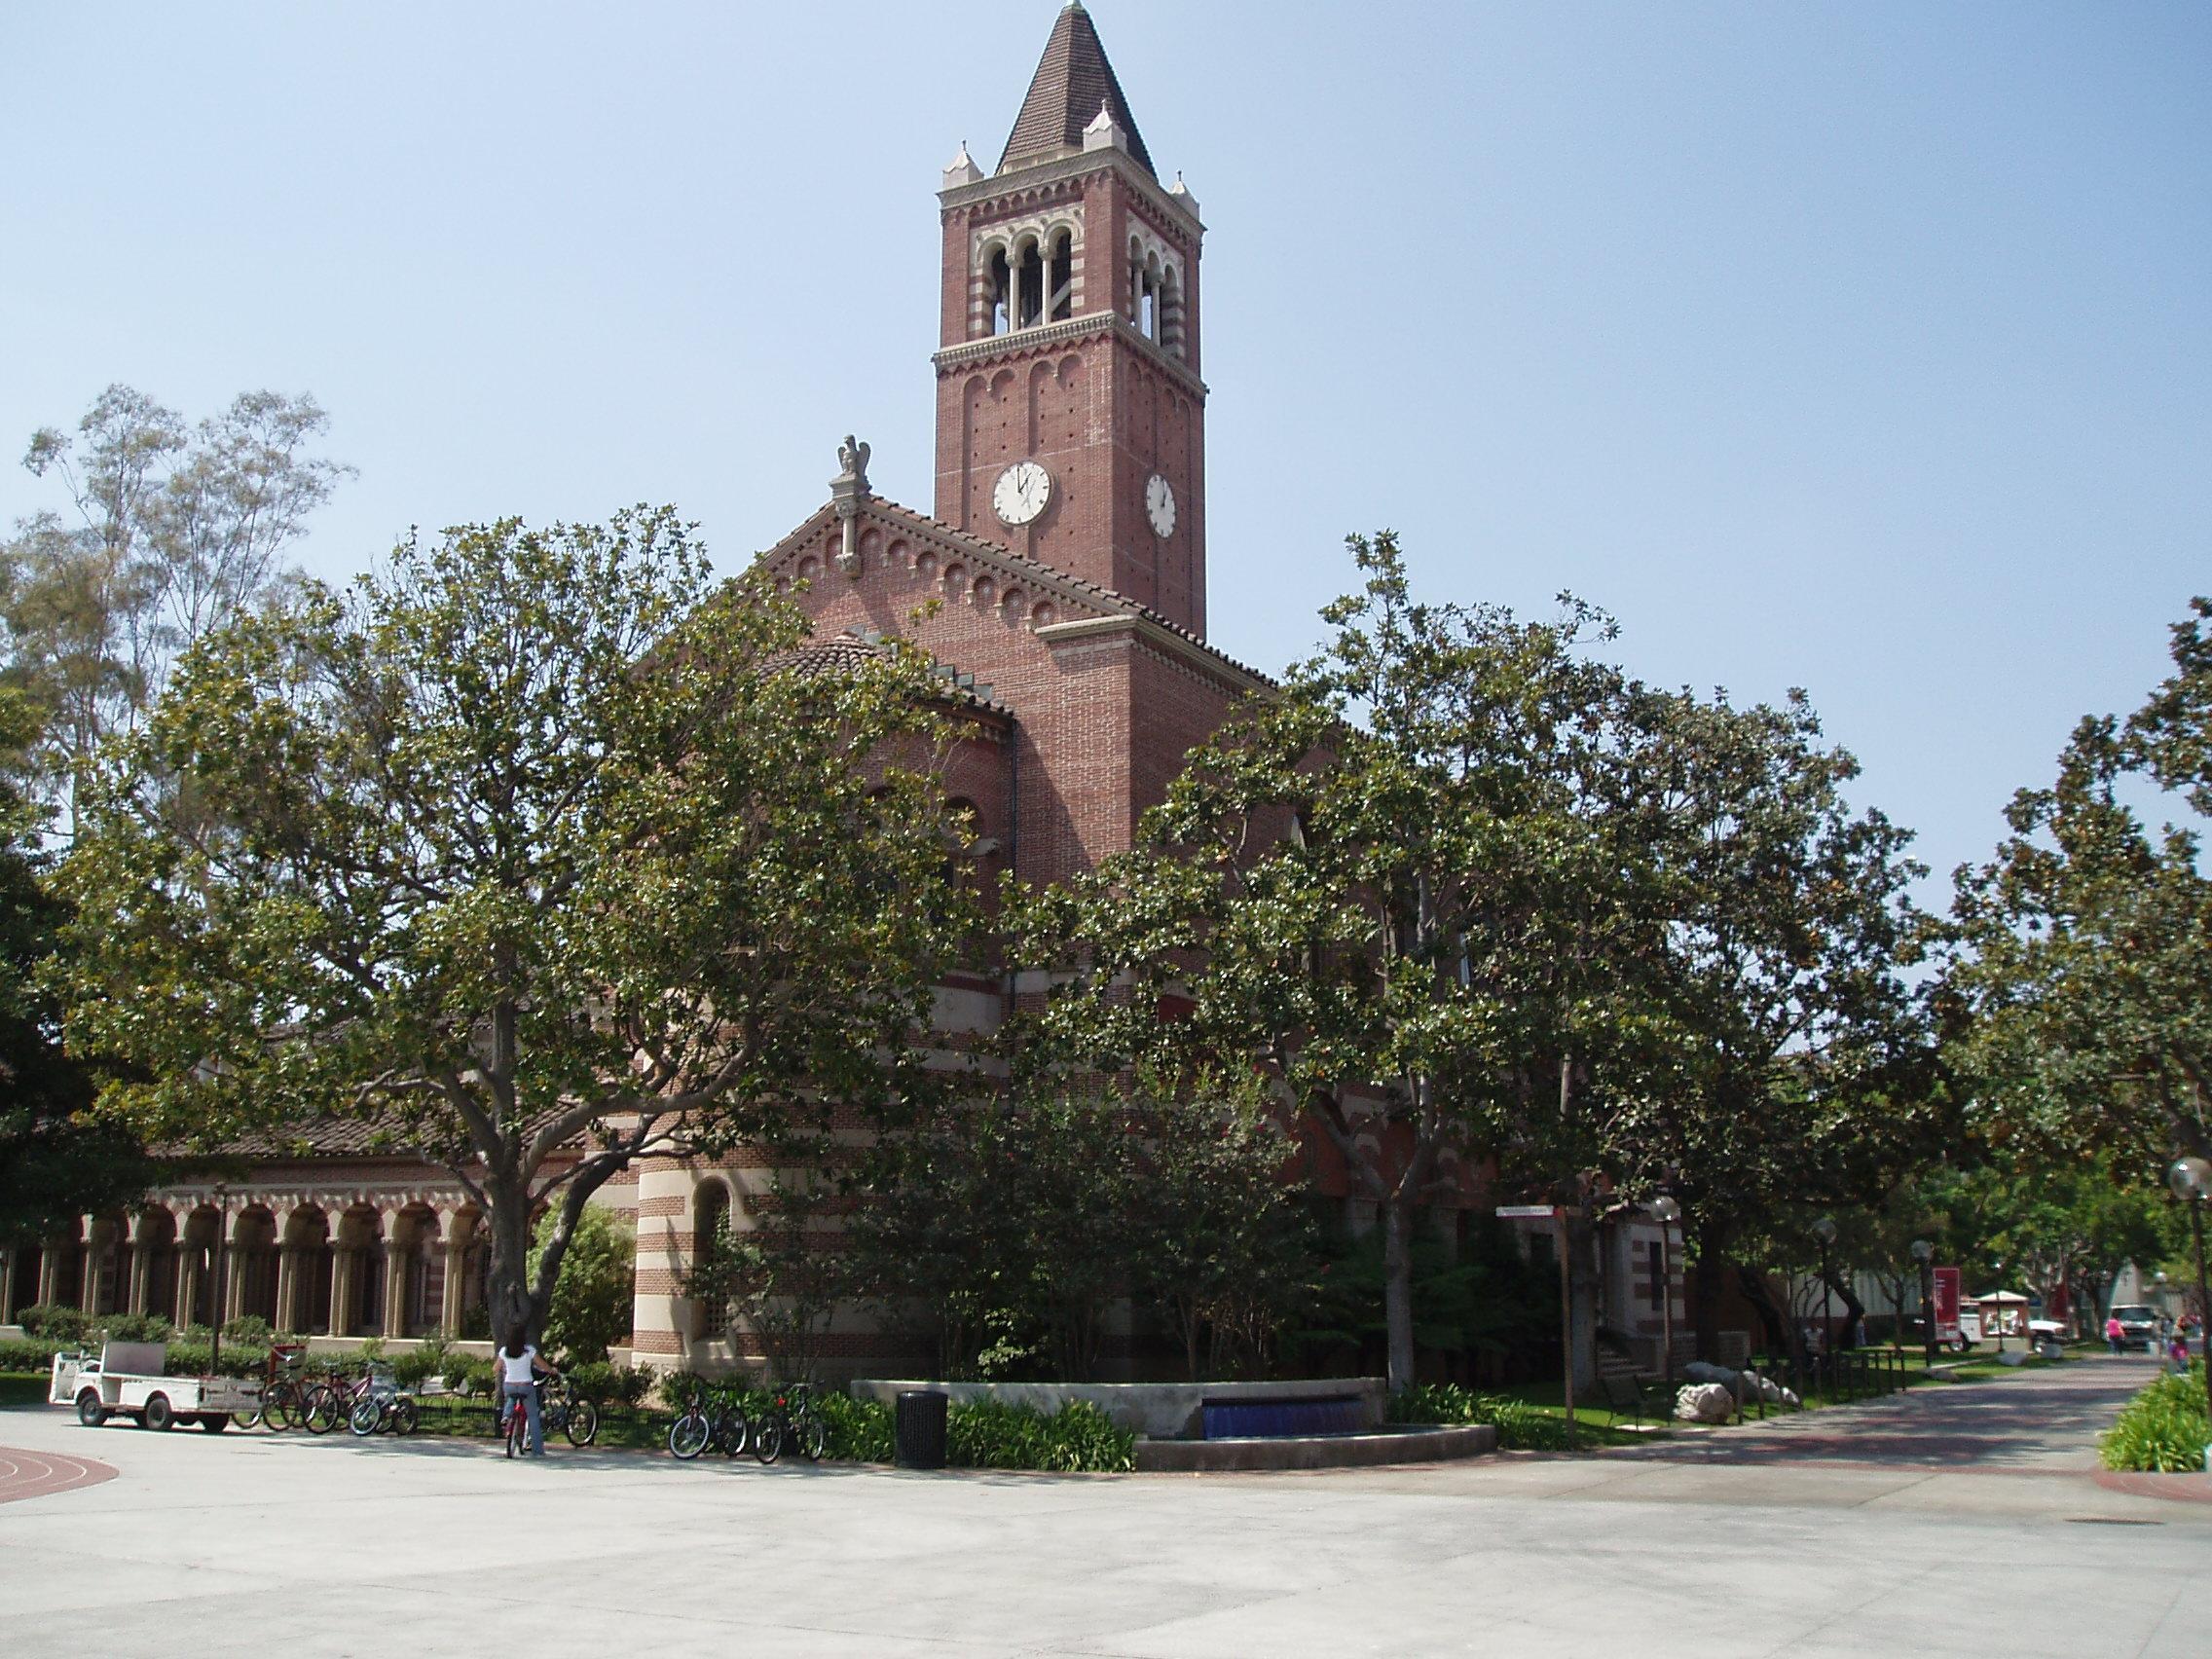 Veja o que saiu no Migalhas sobre Universidade do Sul da Califórnia